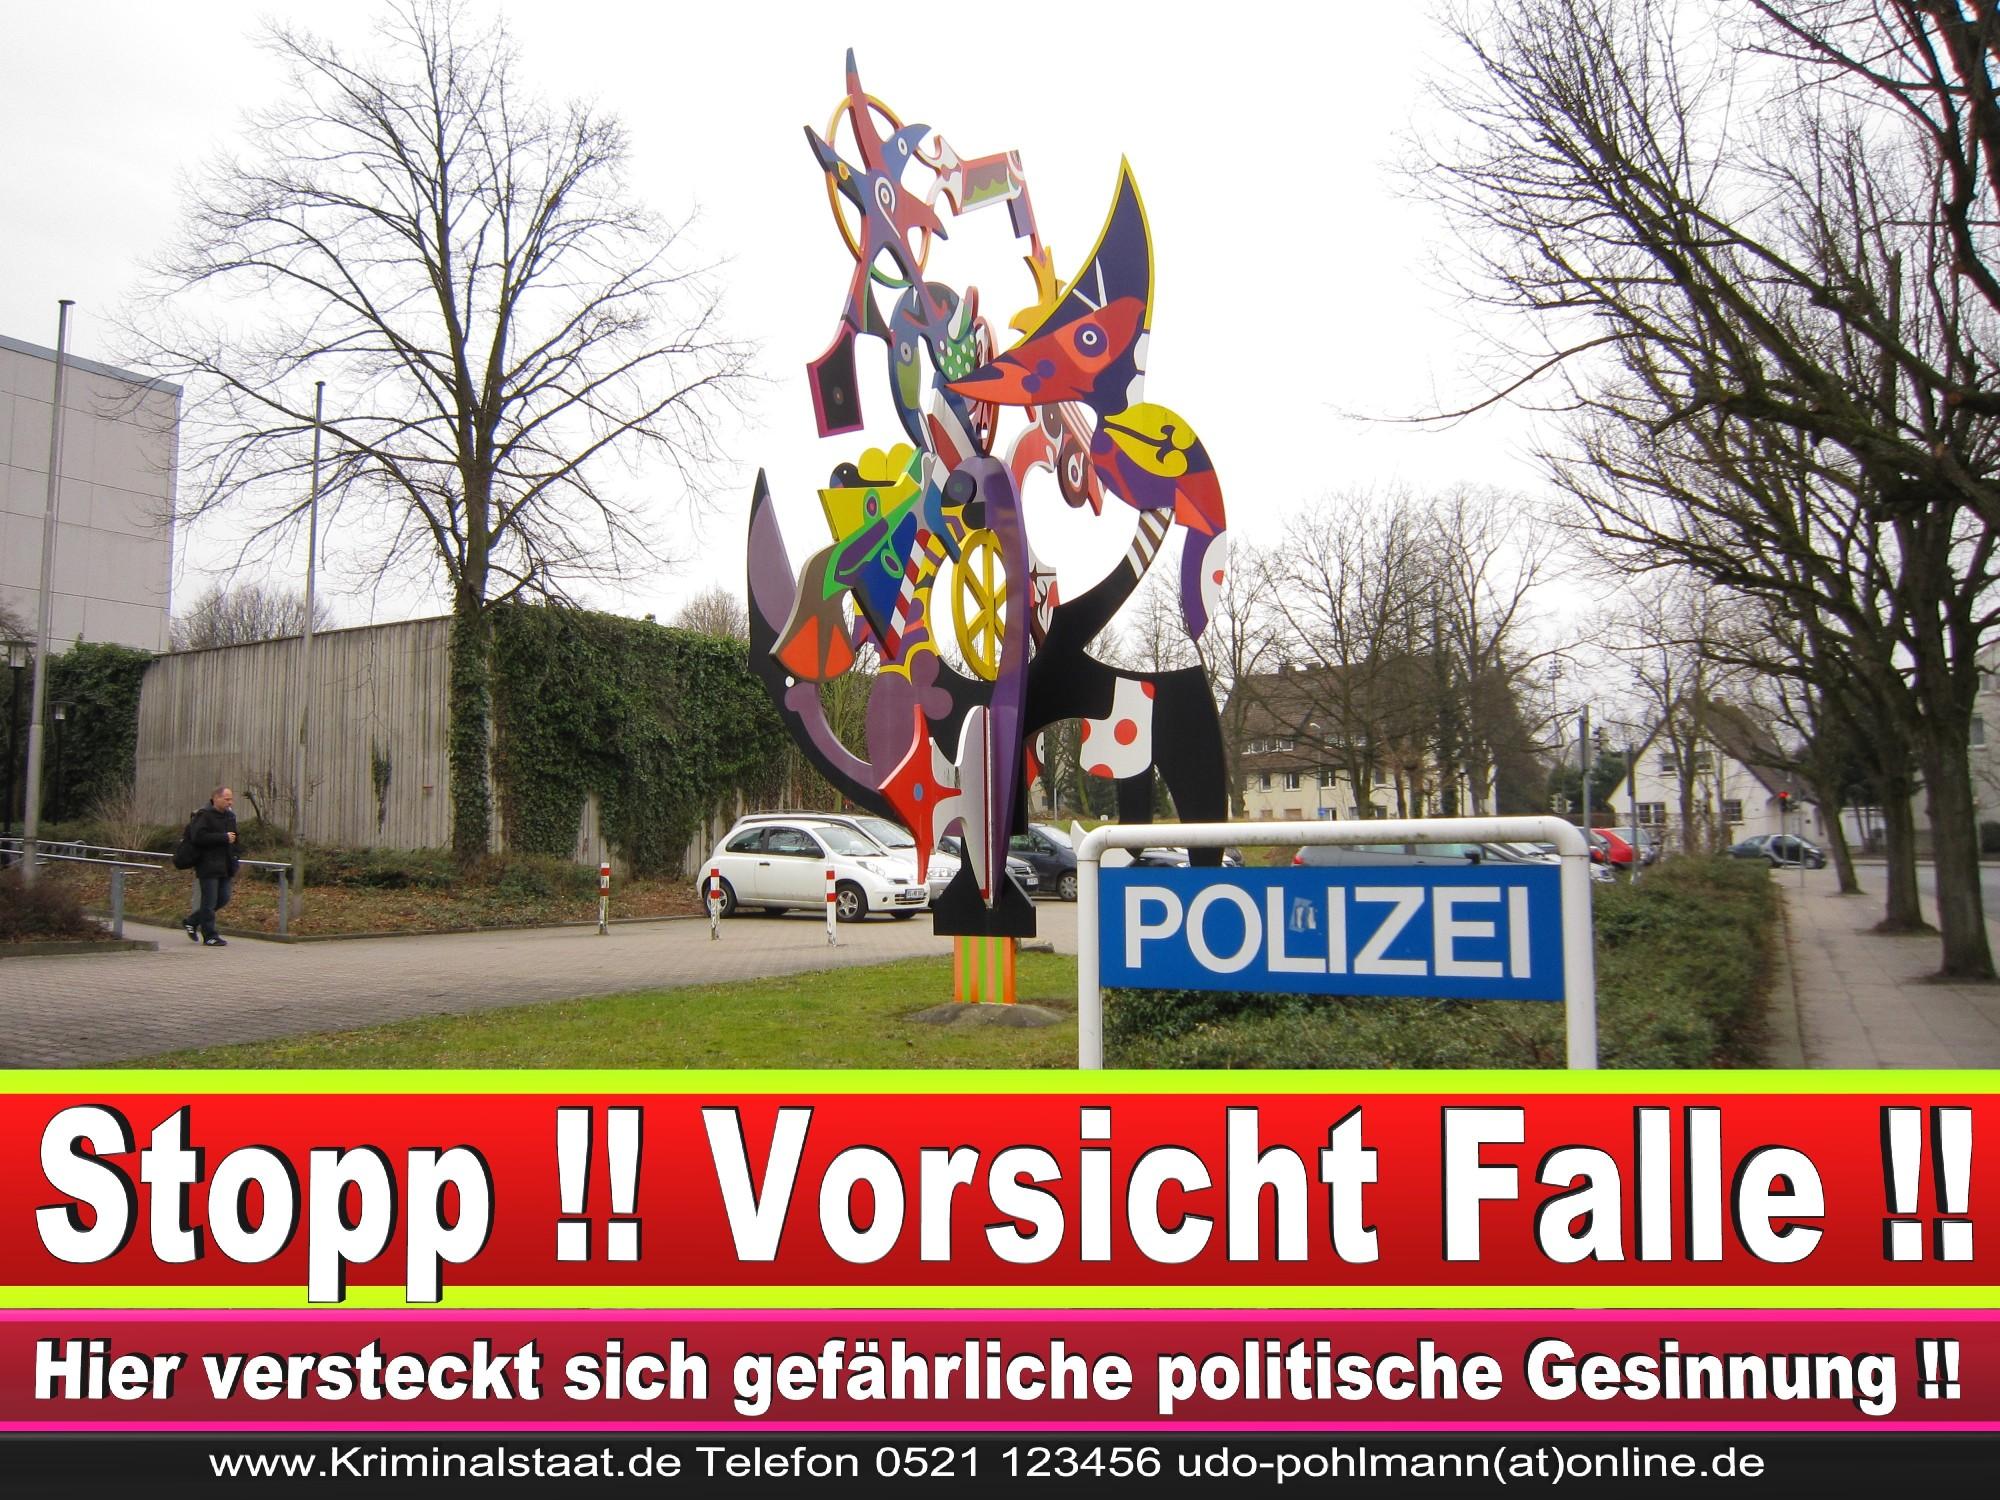 Polizei Bielefeld Gütersloh Detmold Paderborn Polizeiauto Polizeiuniform USA Deutschland Insignien Rang Uniform Kostüm (19)